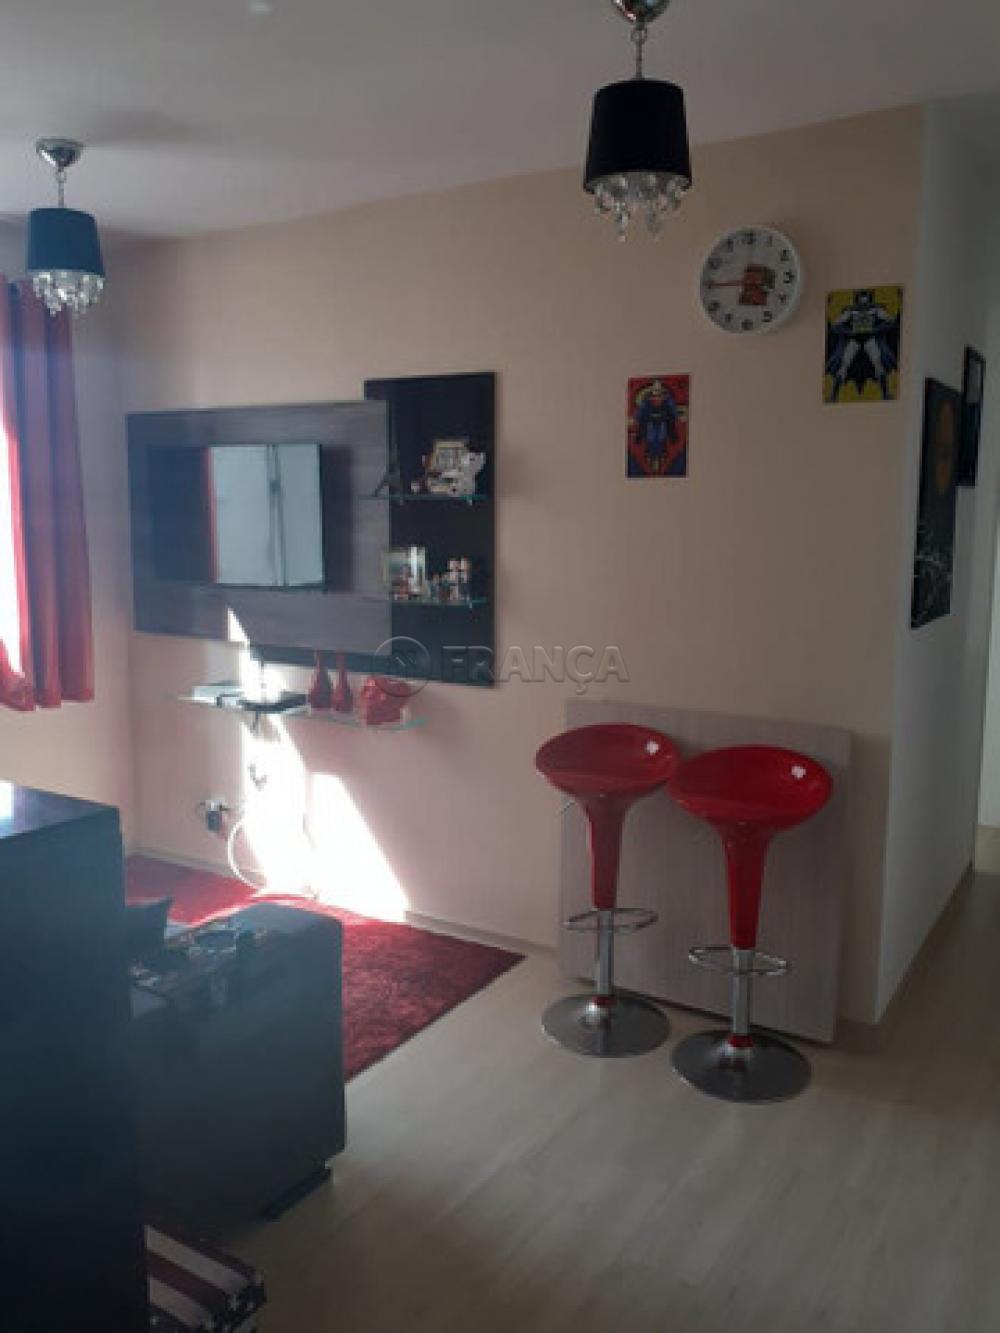 Comprar Apartamento / Padrão em São José dos Campos apenas R$ 225.000,00 - Foto 2